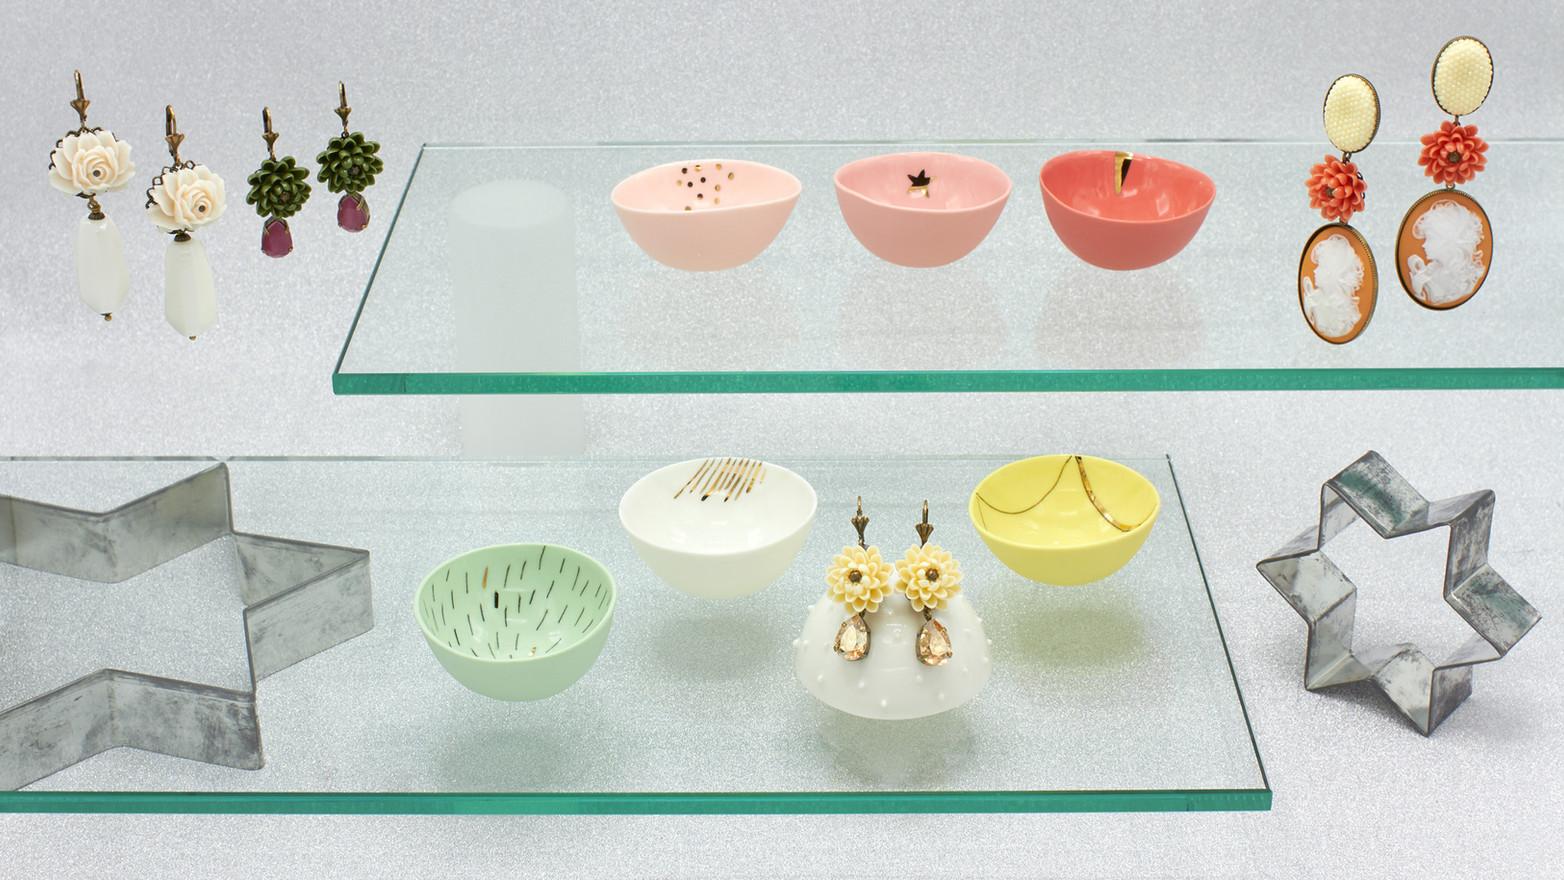 Schmuckstücke aus der Sélection Actuelle mit buntem Schmuck aus der Winter Kollektion mit Ohrringen verziert mit Blumenornamenten und Halbedelsteinen sowie handgefertigter bunter Keramikschalen der Künstlerin Maria Sabrina